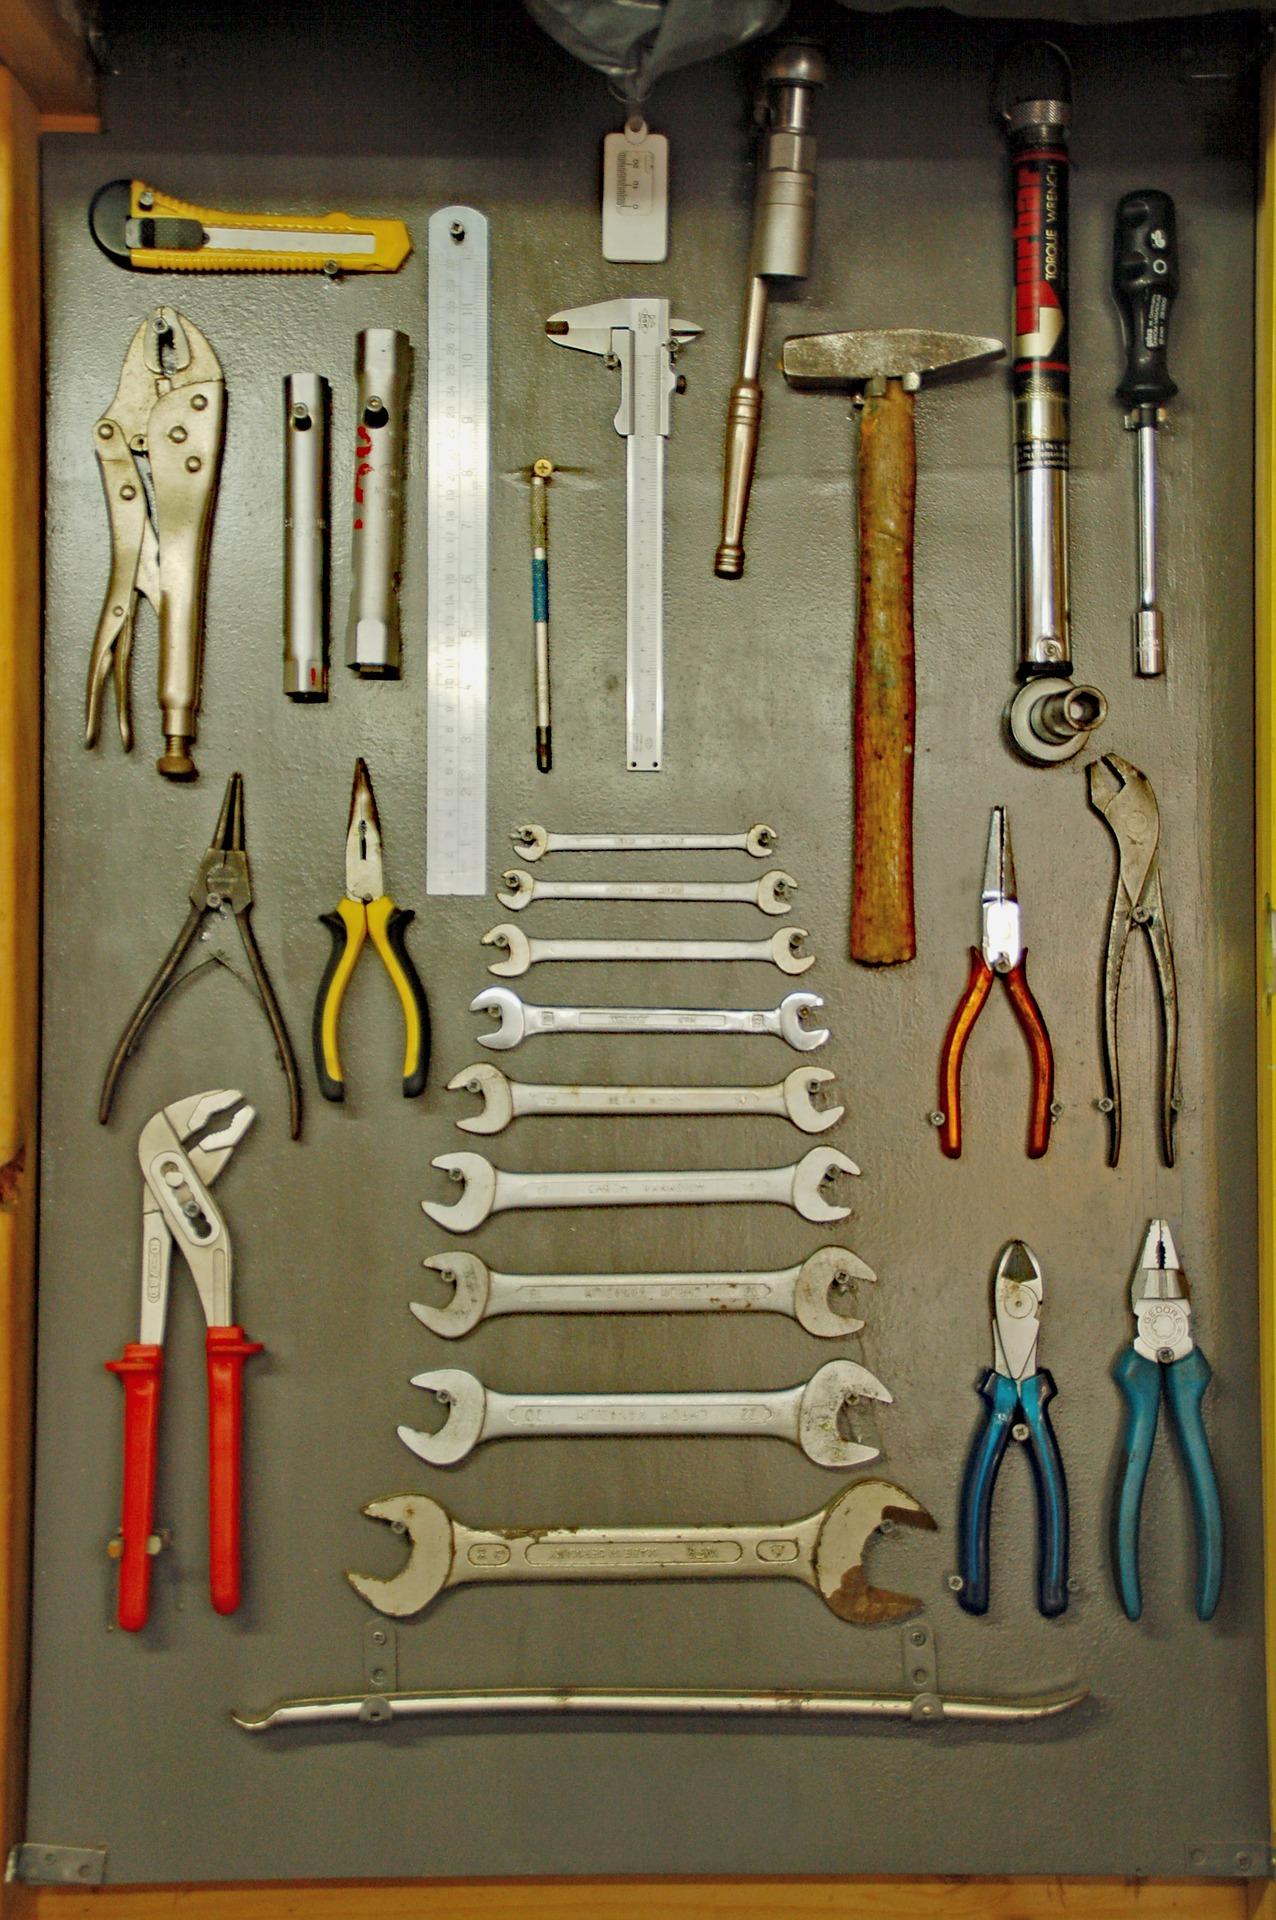 tools-3341643_1920